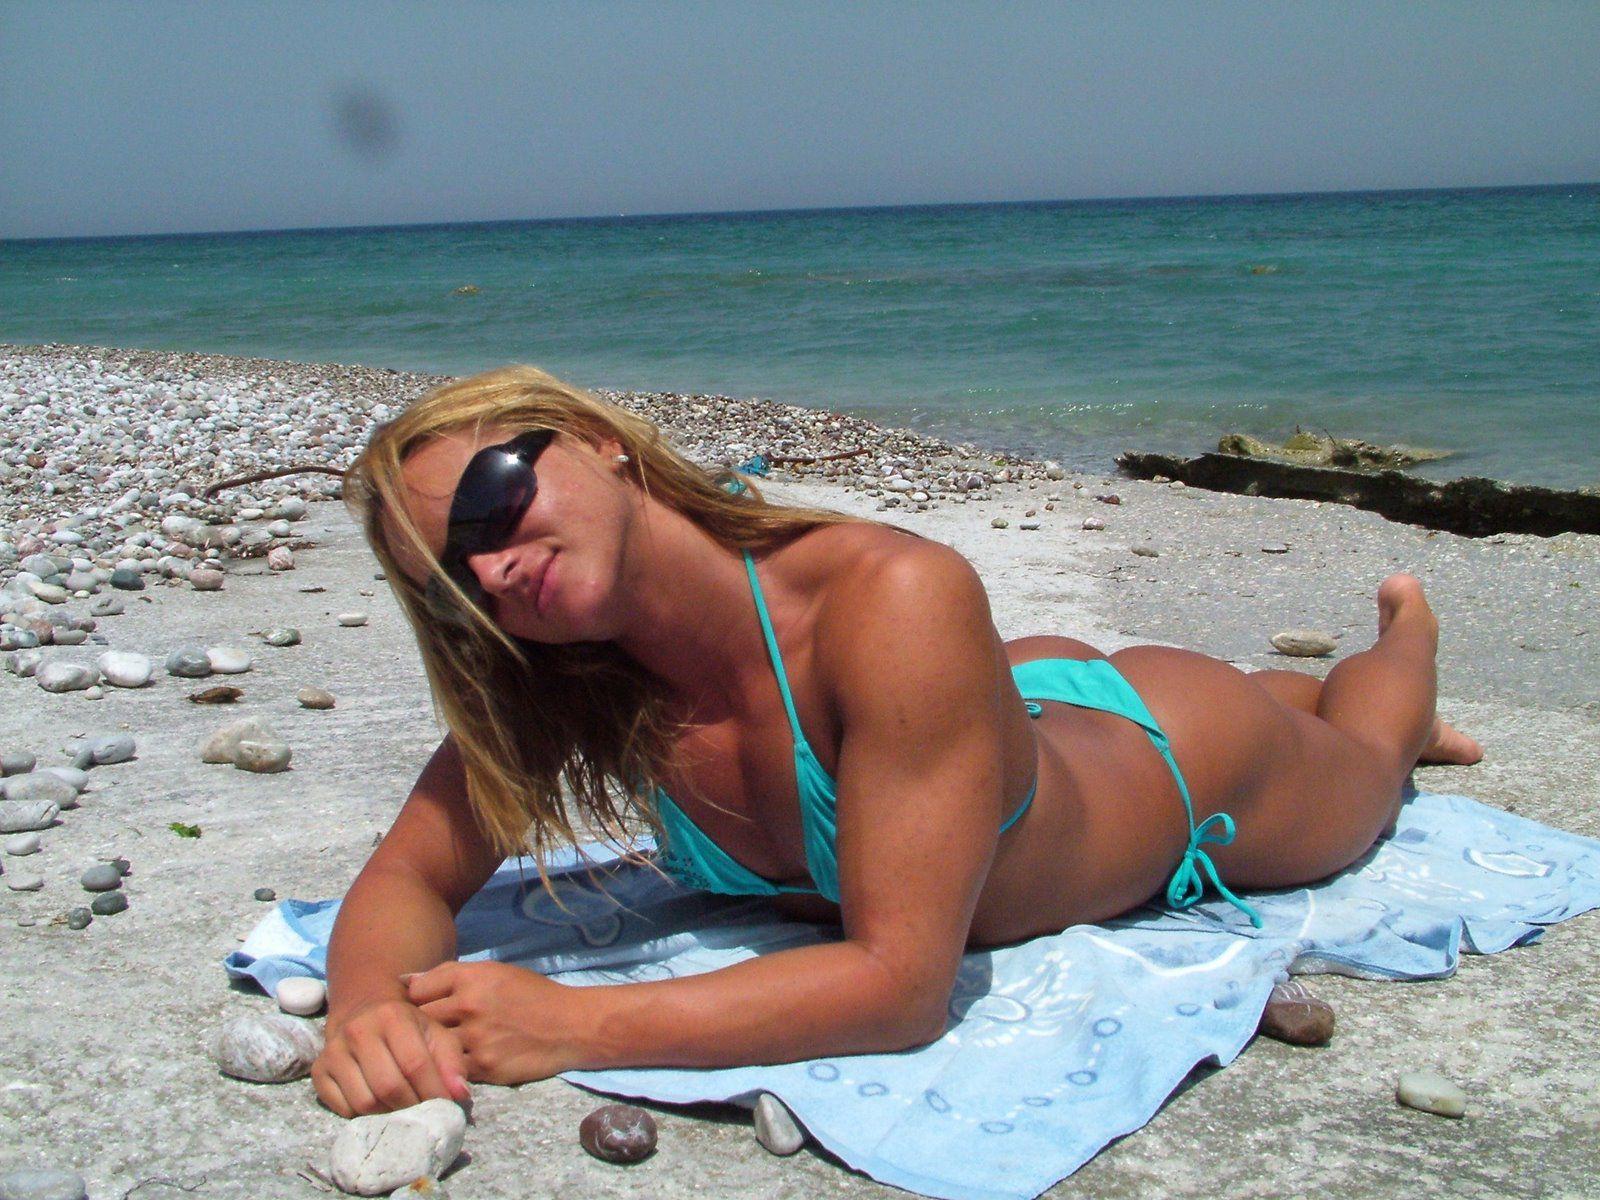 Частные фото пляж, Частное фото девушек на пляже 12 фотография